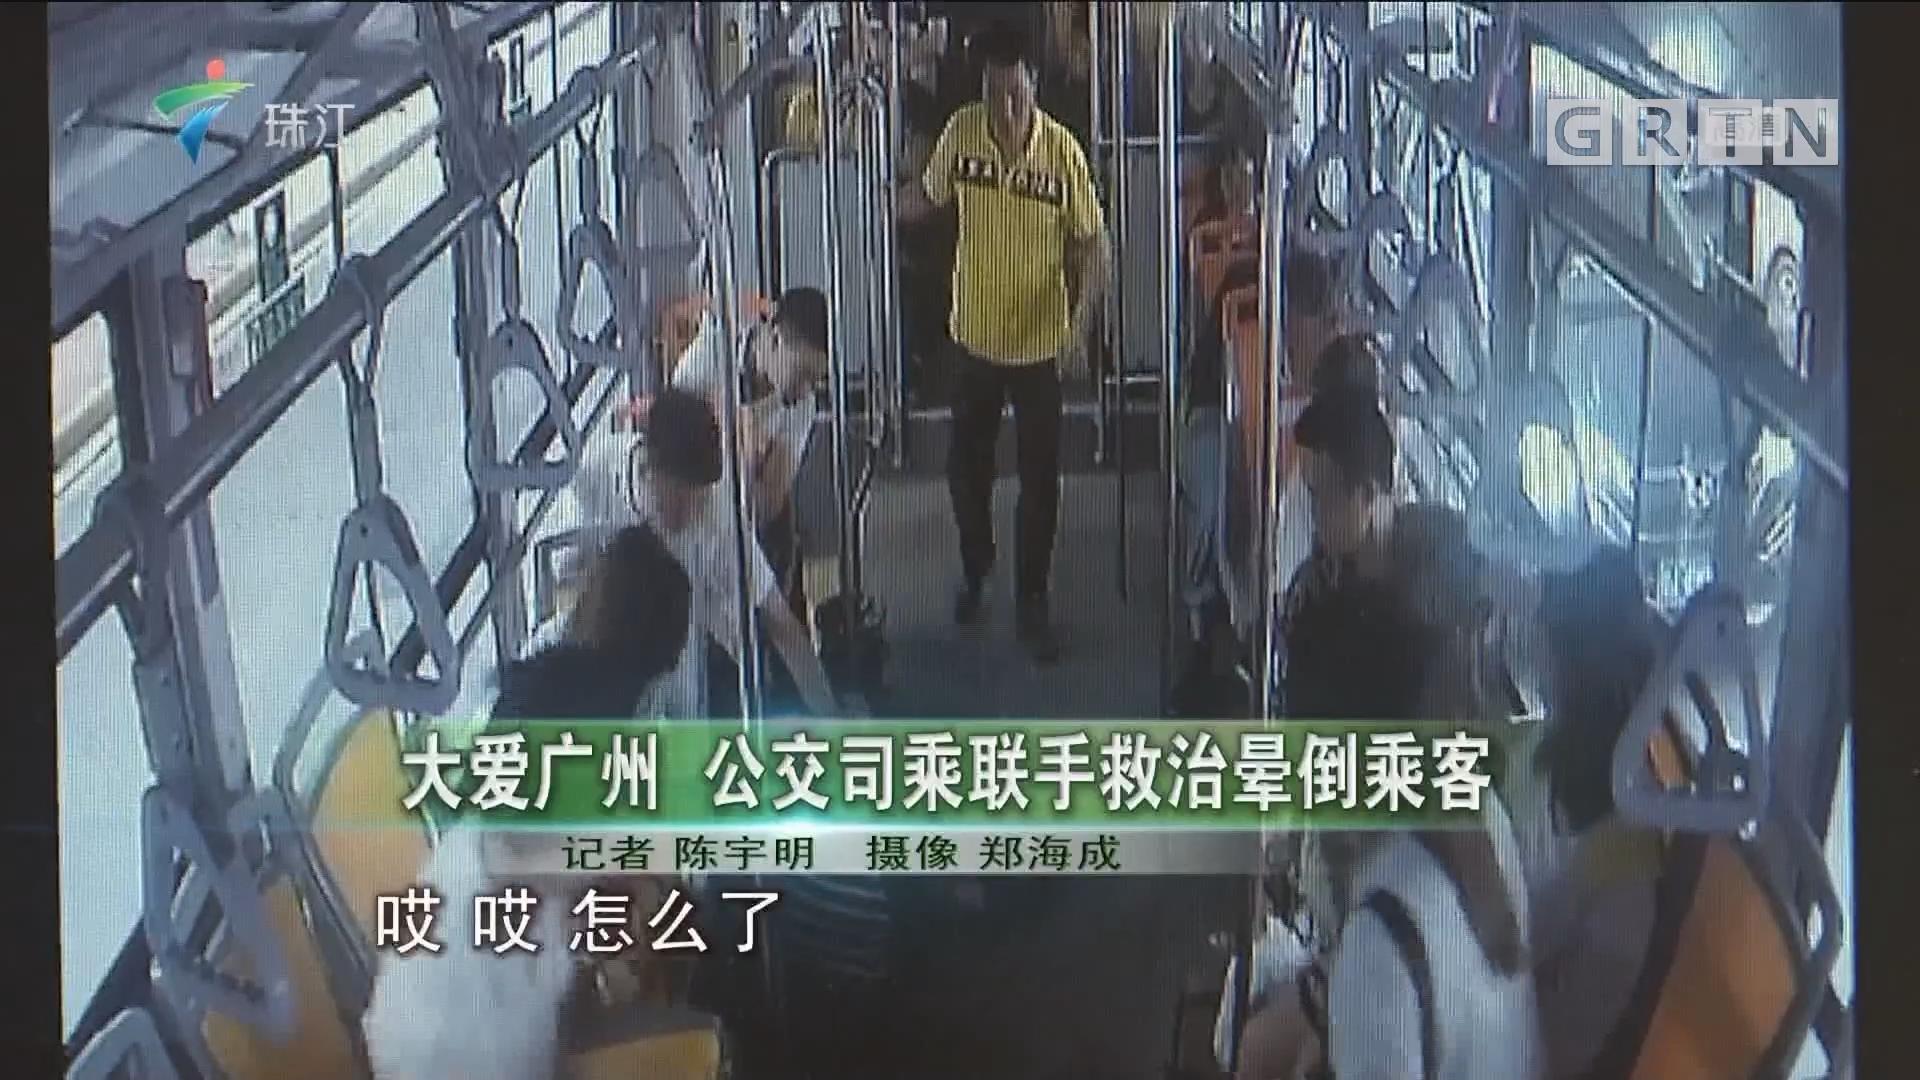 大爱广州 公交司乘联手救治晕倒乘客